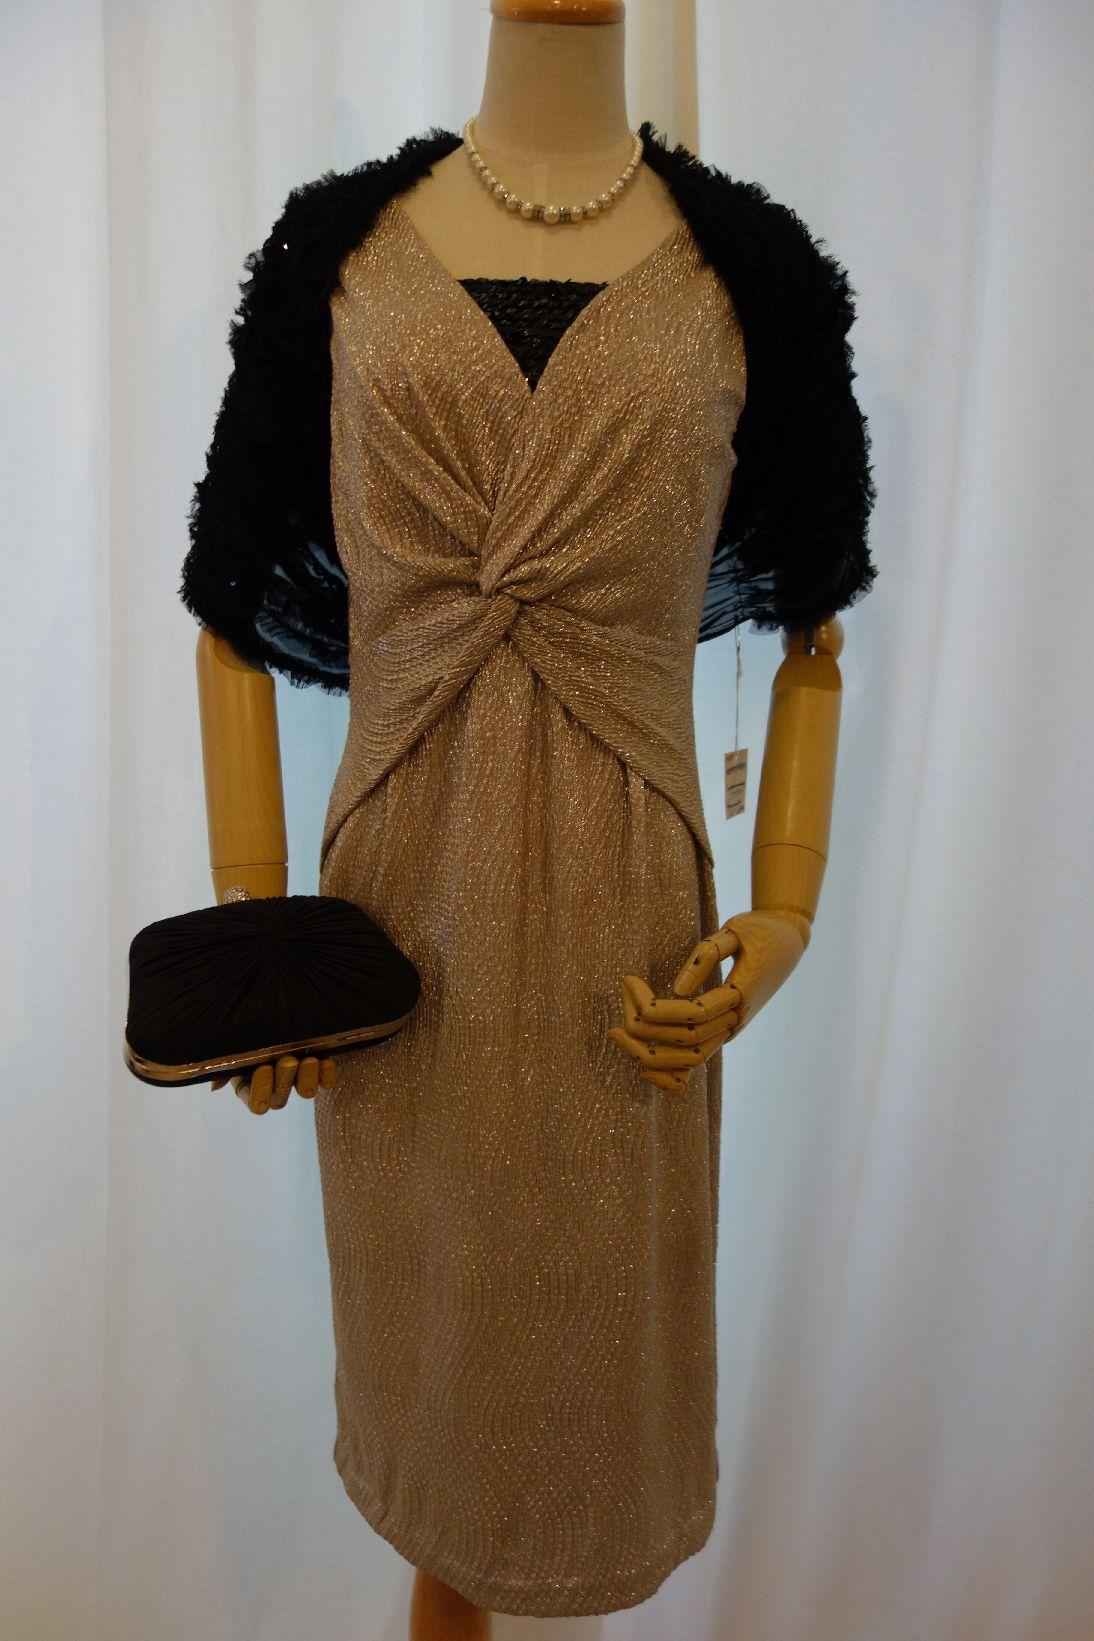 キラキラゴールドのドレスには、ドレスに負けない華やかな黒の小物のコーディ ネートでよりリッチに♪ゴージャスに♪